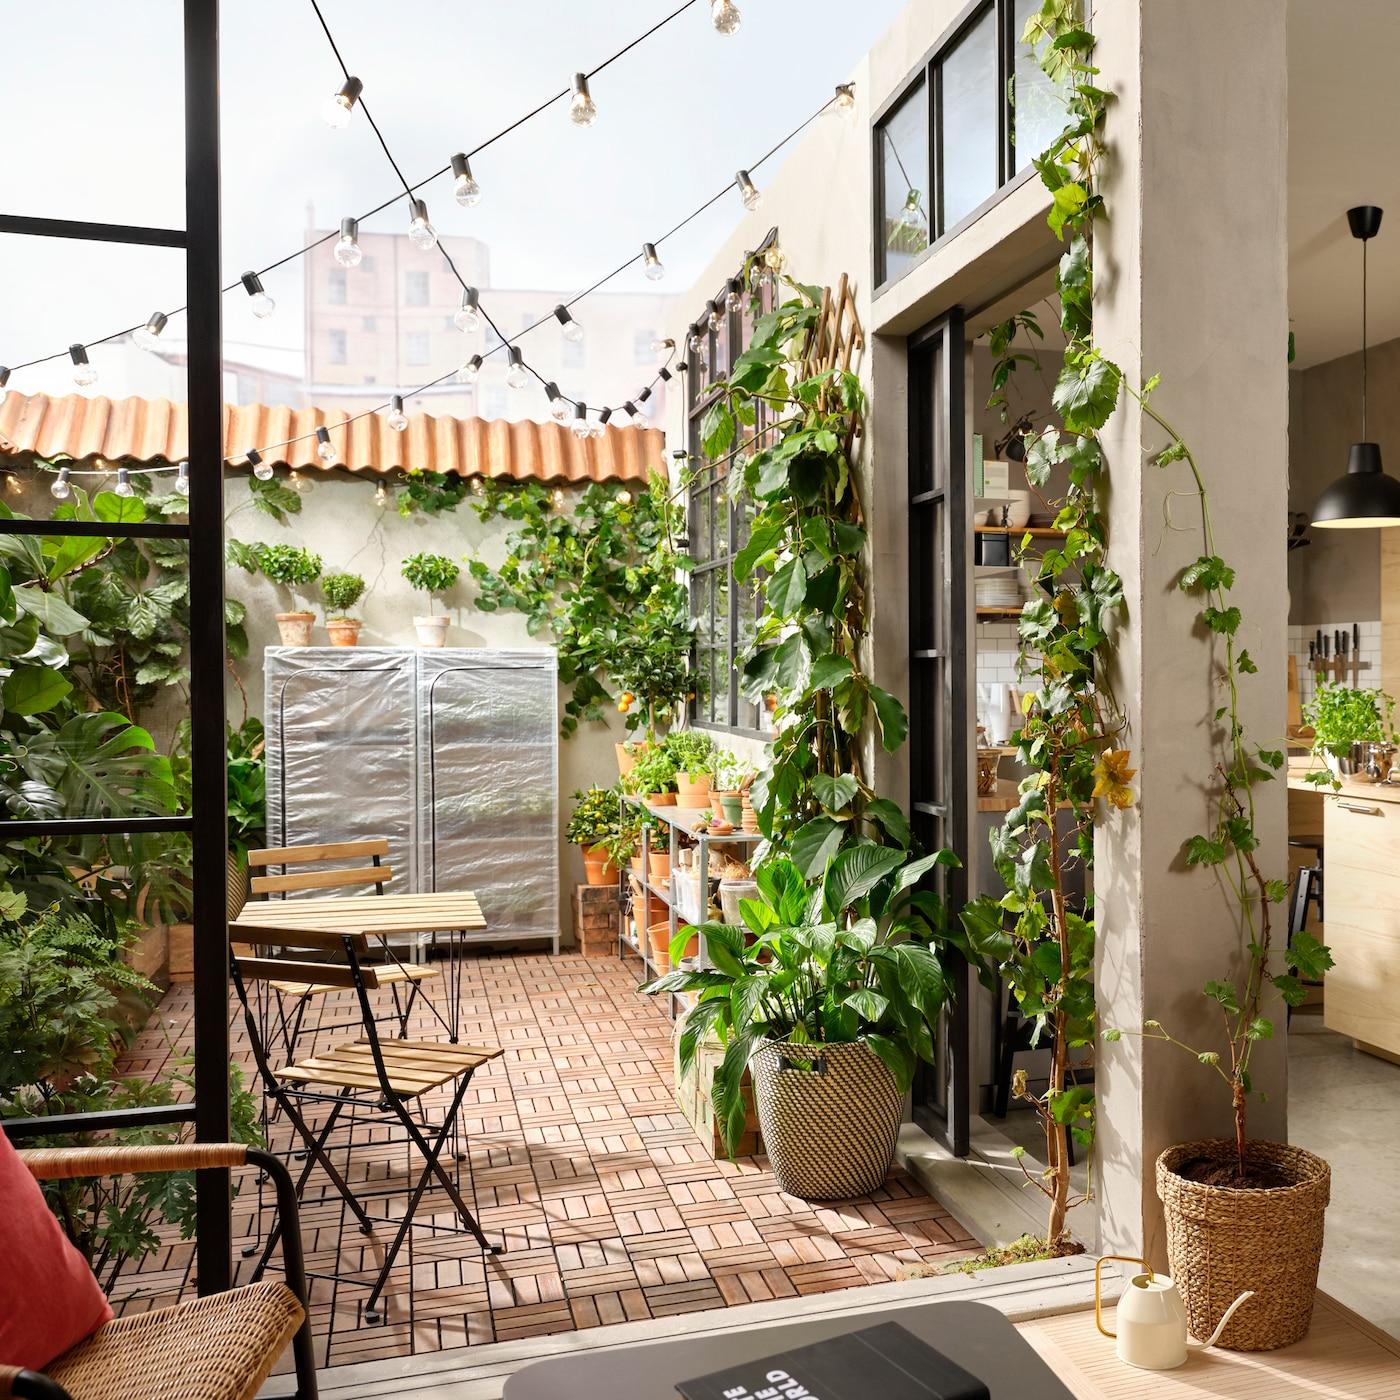 O terasă cu o pardoseală din lemn, o mulțime de plante verzi, ghirlande luminoase cu LED și o masă și două scaune de exterior.